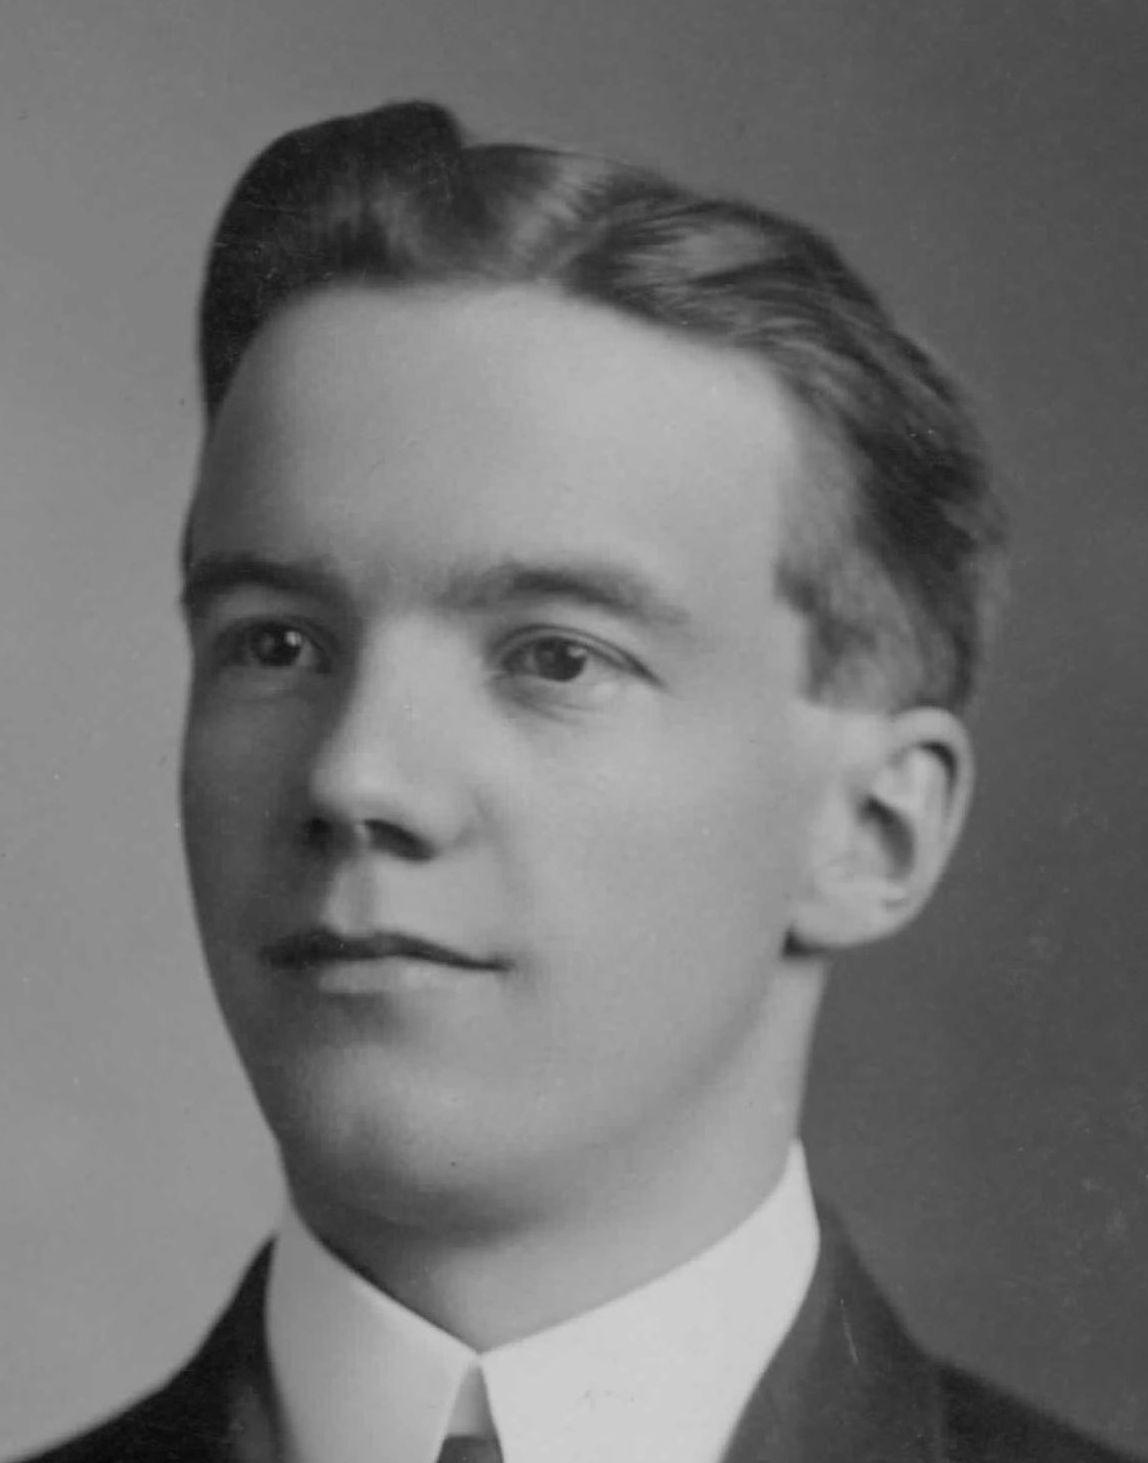 Allen, John Alanson